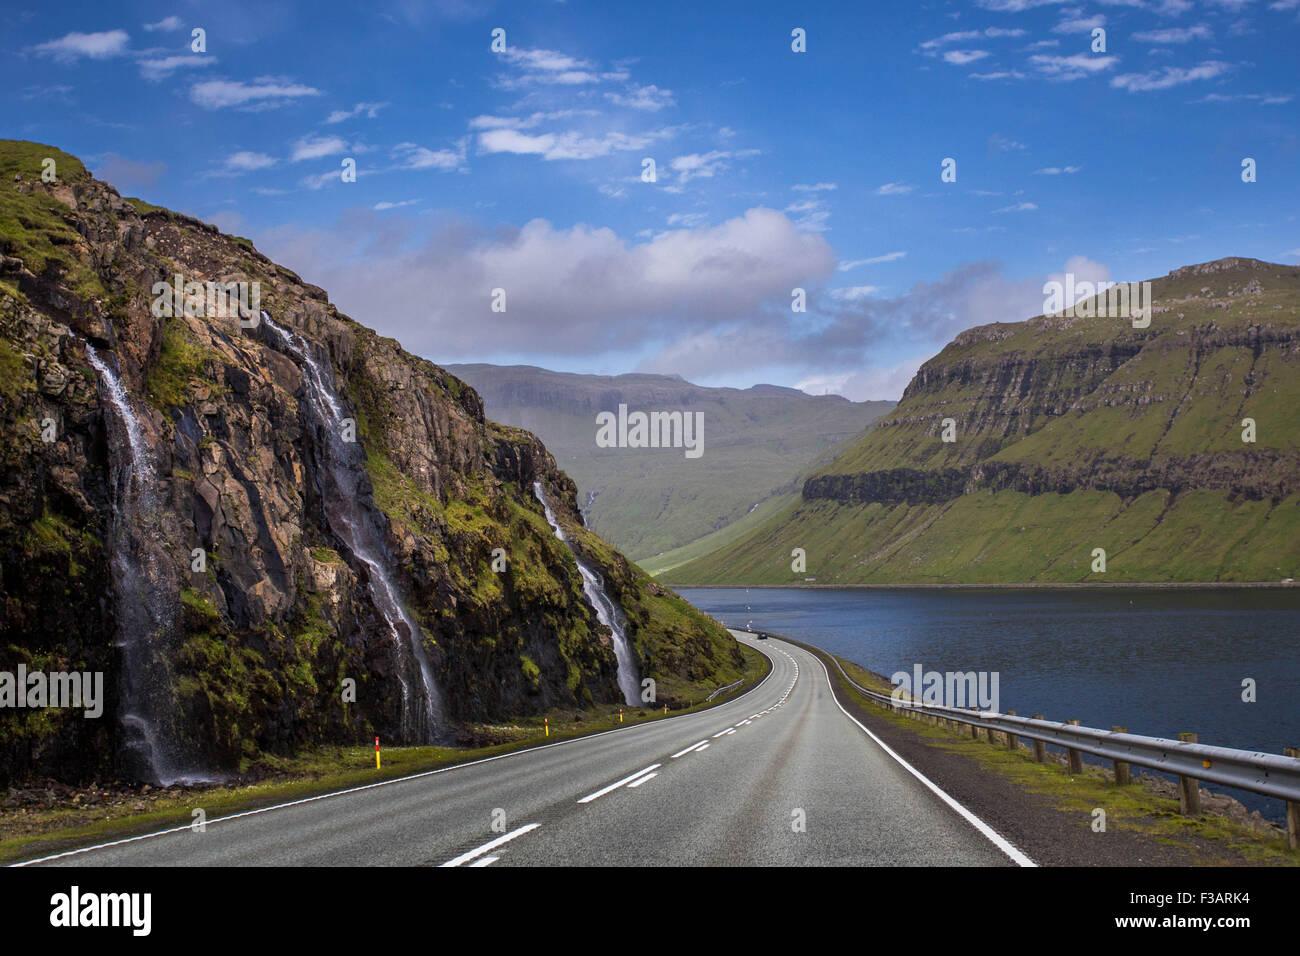 Faroe islands waterfall stock photos faroe islands for River hill